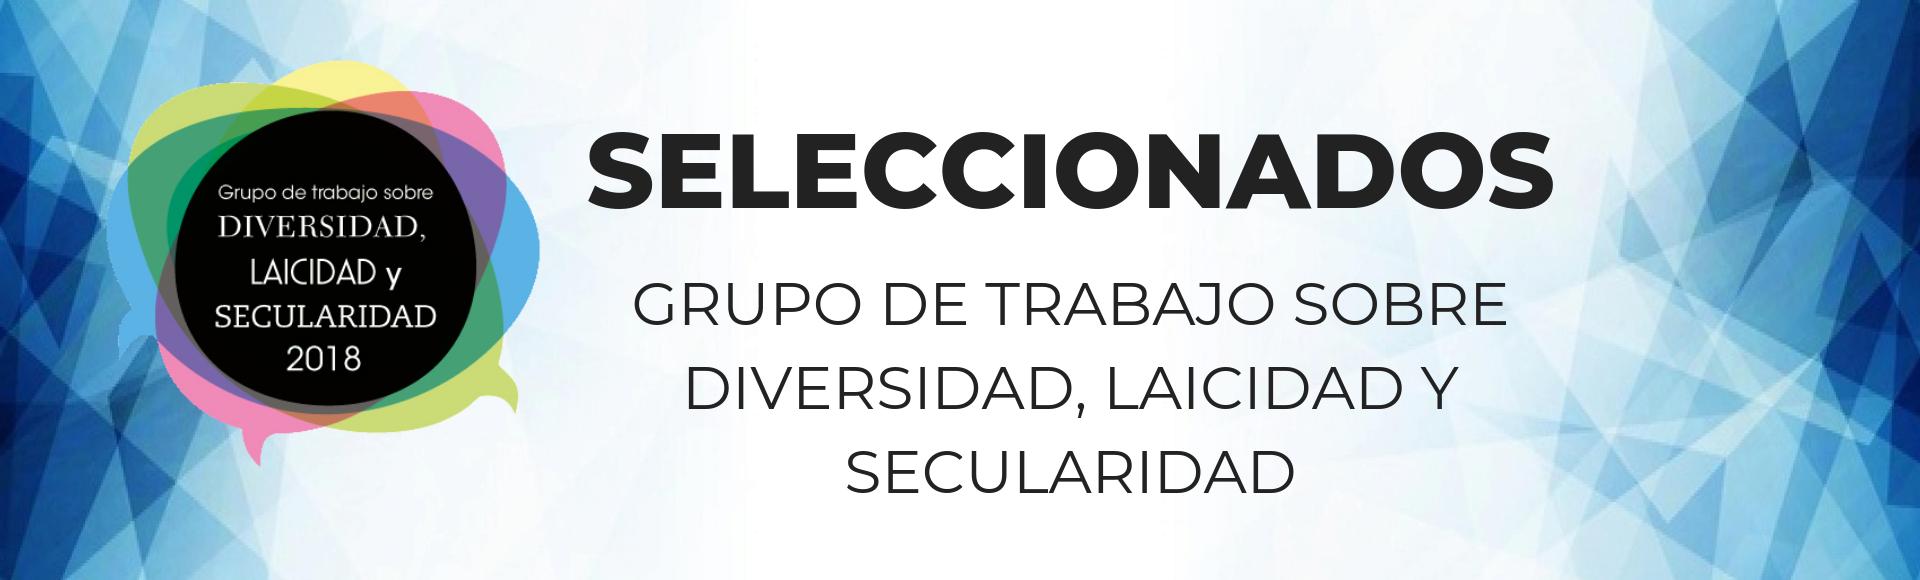 Grupo de trabajo sobre diversidad, laicidad y secularidad. Seleccionados